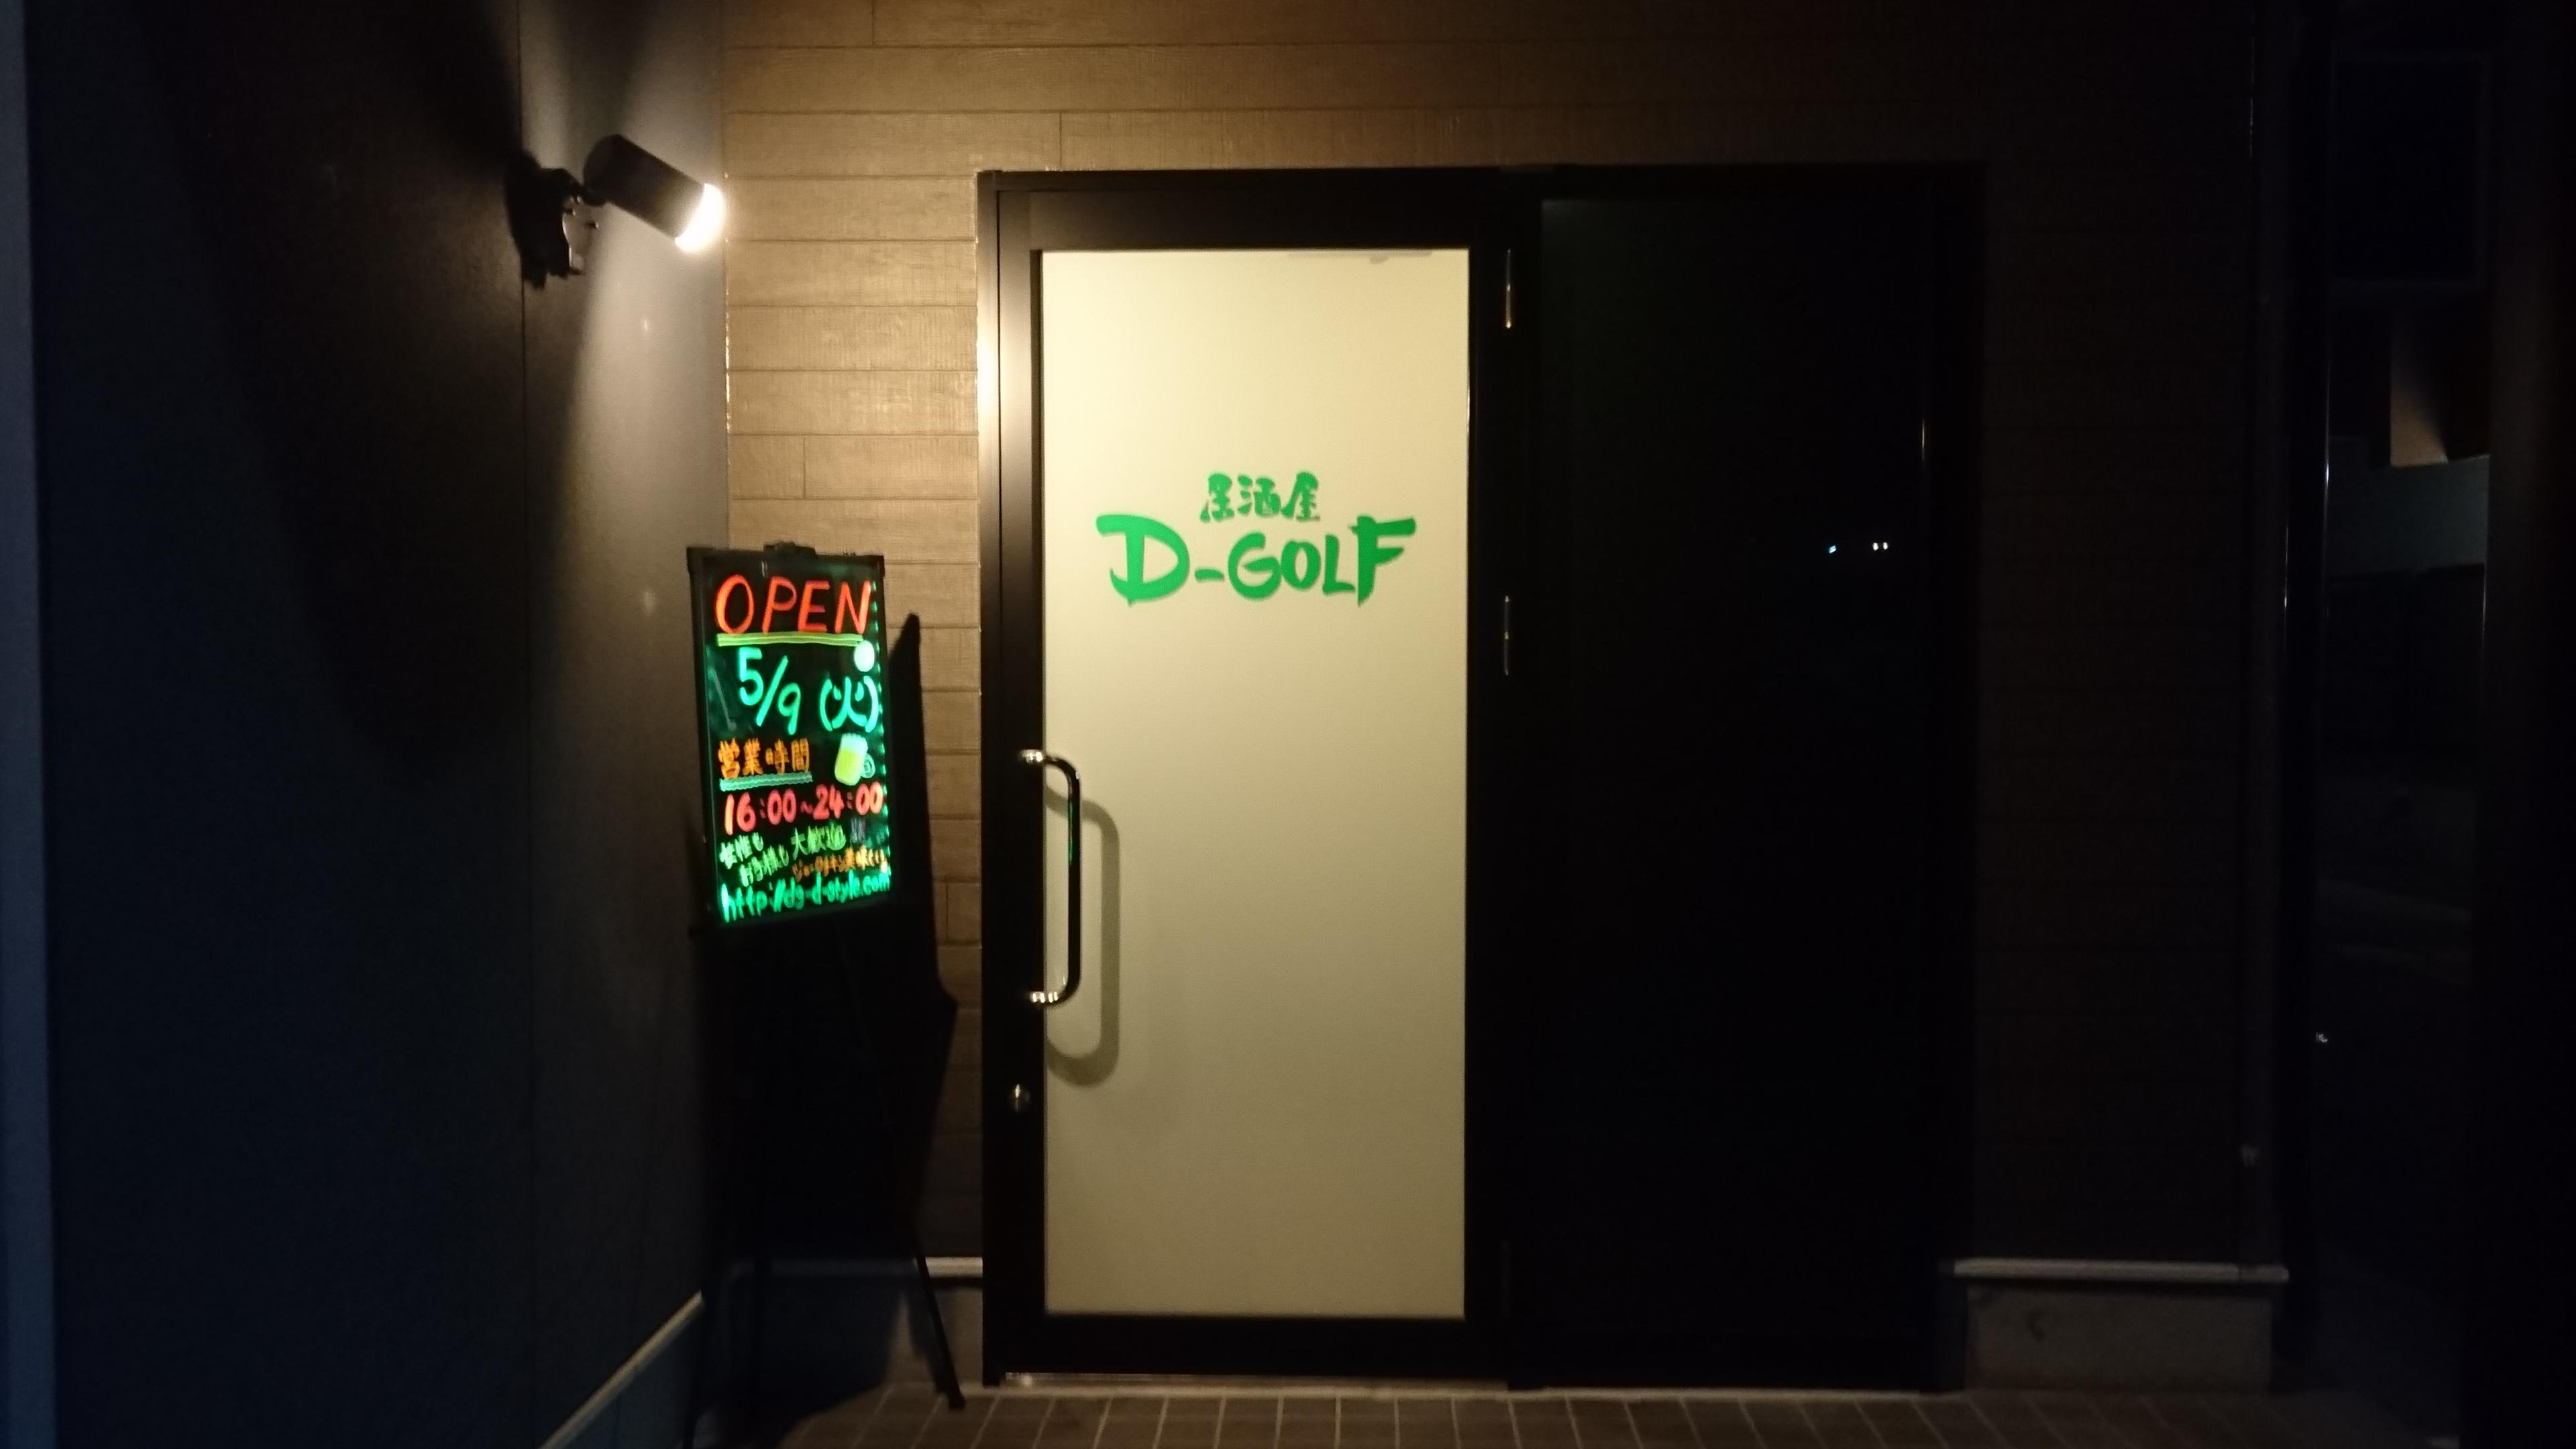 三島ディーゴルフ